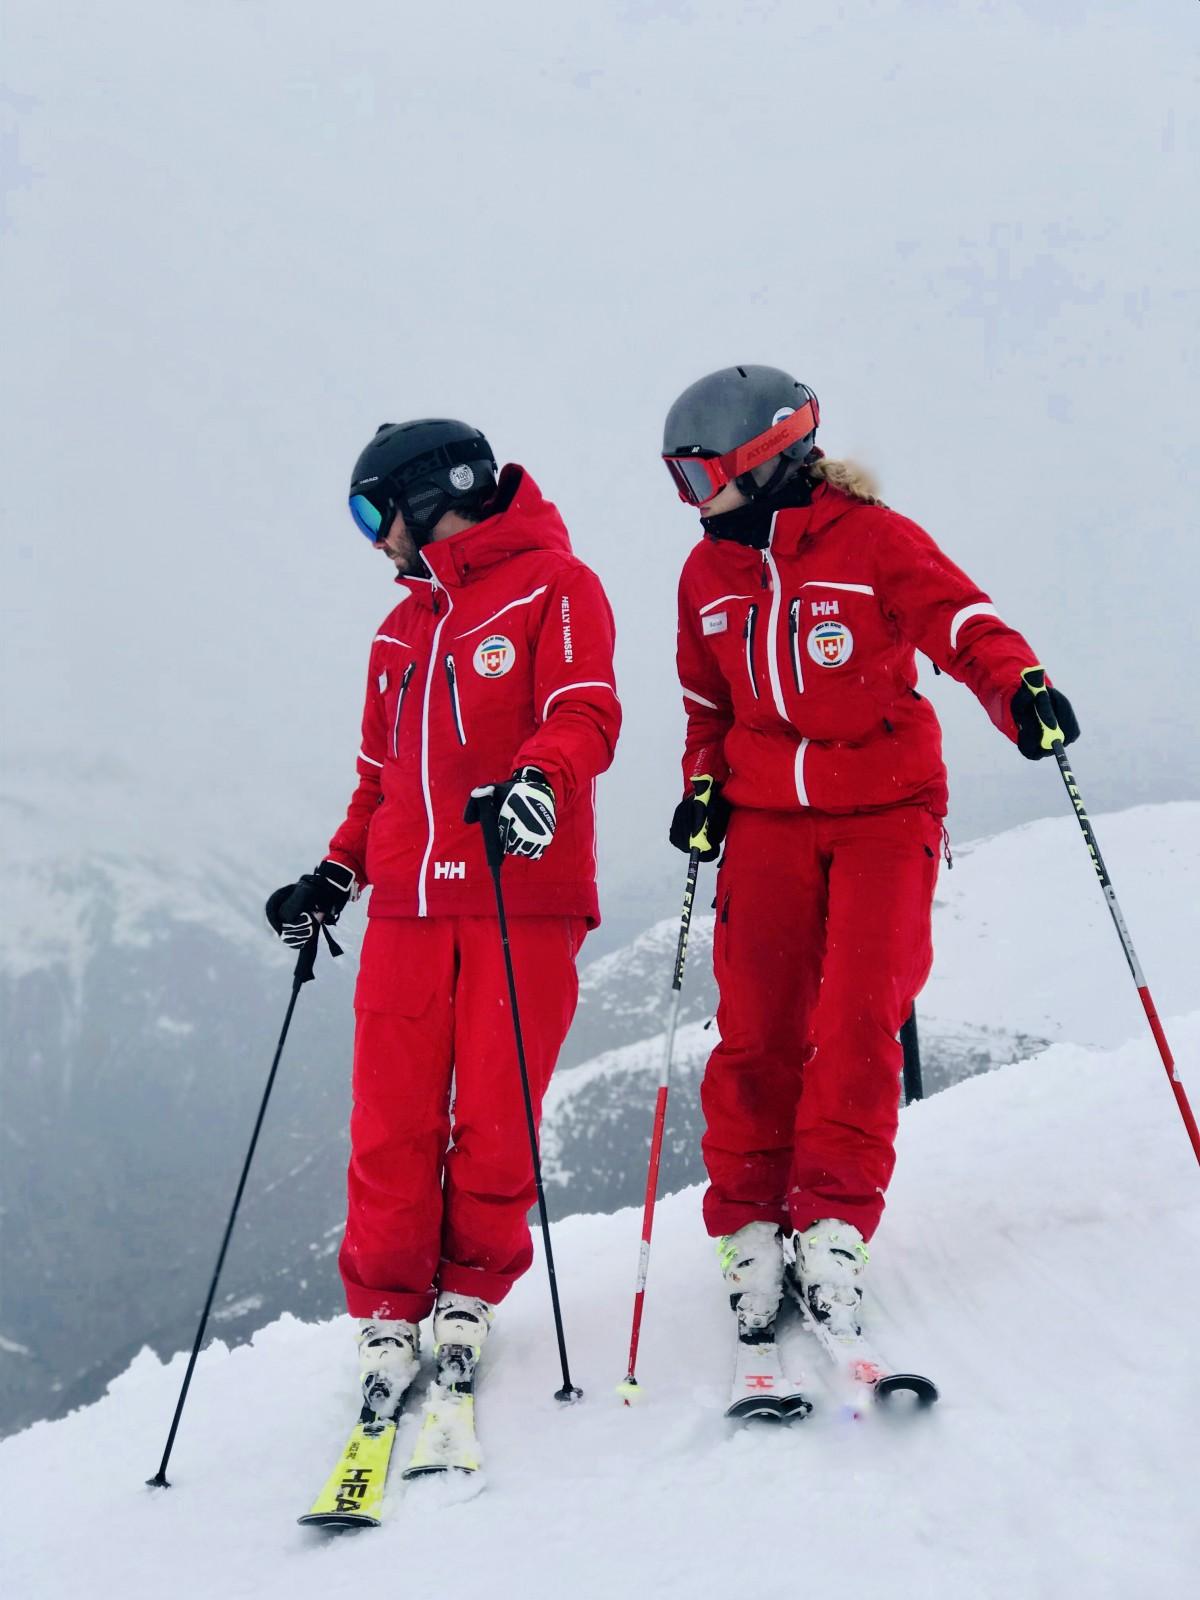 Onze gidsen nemen ons mee op pad, maar het is lastig vandaag met veel gesloten pistes. Foto: Pauline van der Waal